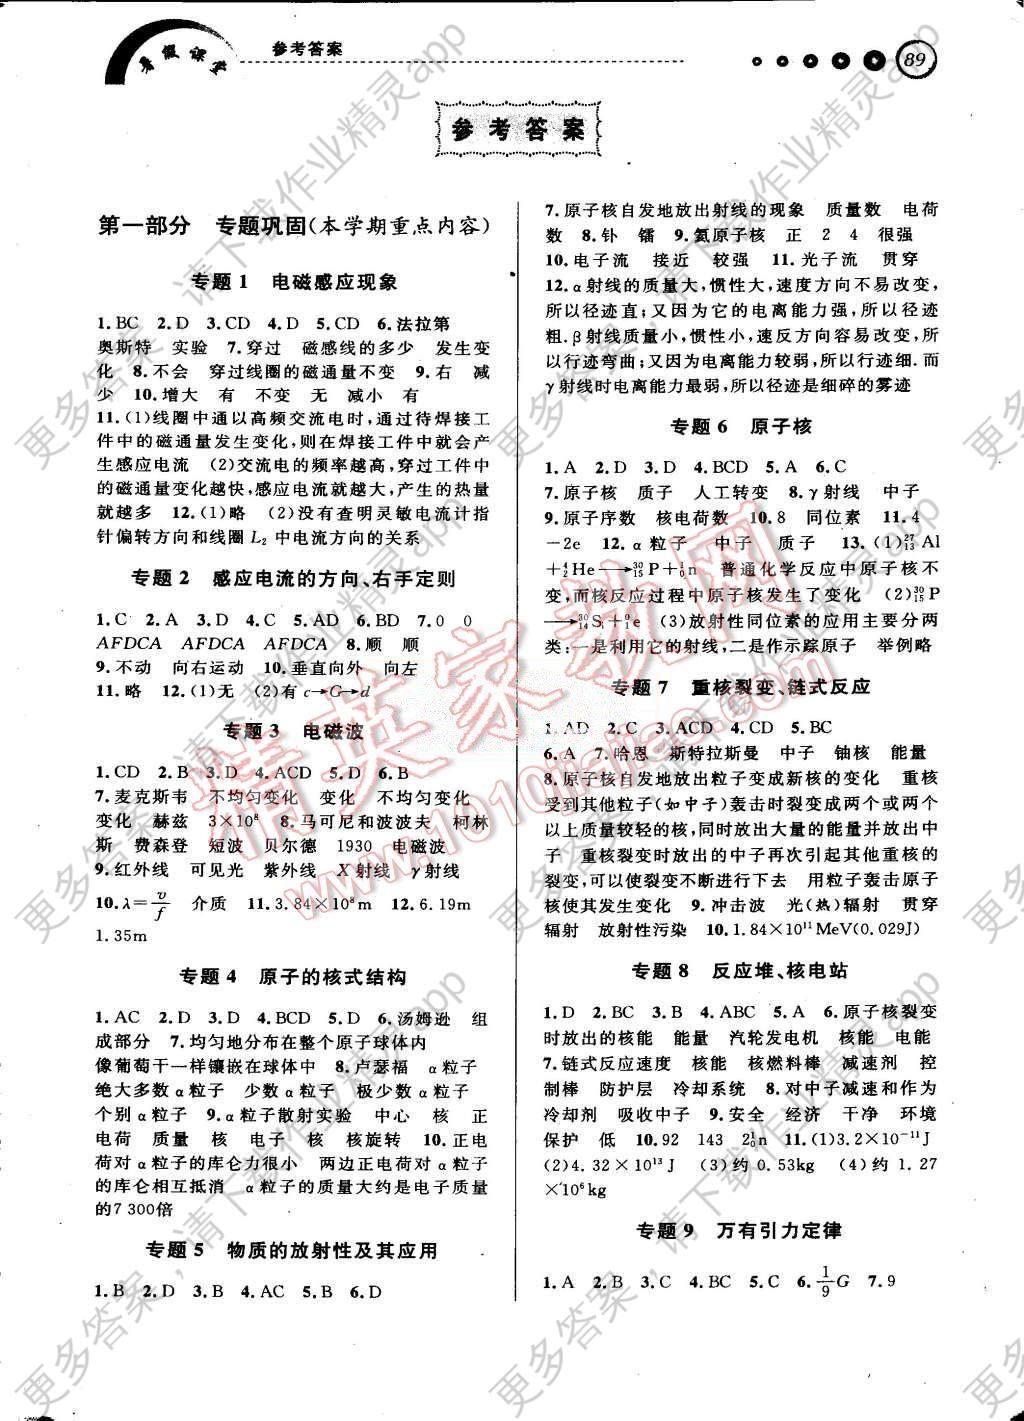 2015年惠宇文化暑假课堂每课一练高二年级物理 第1页